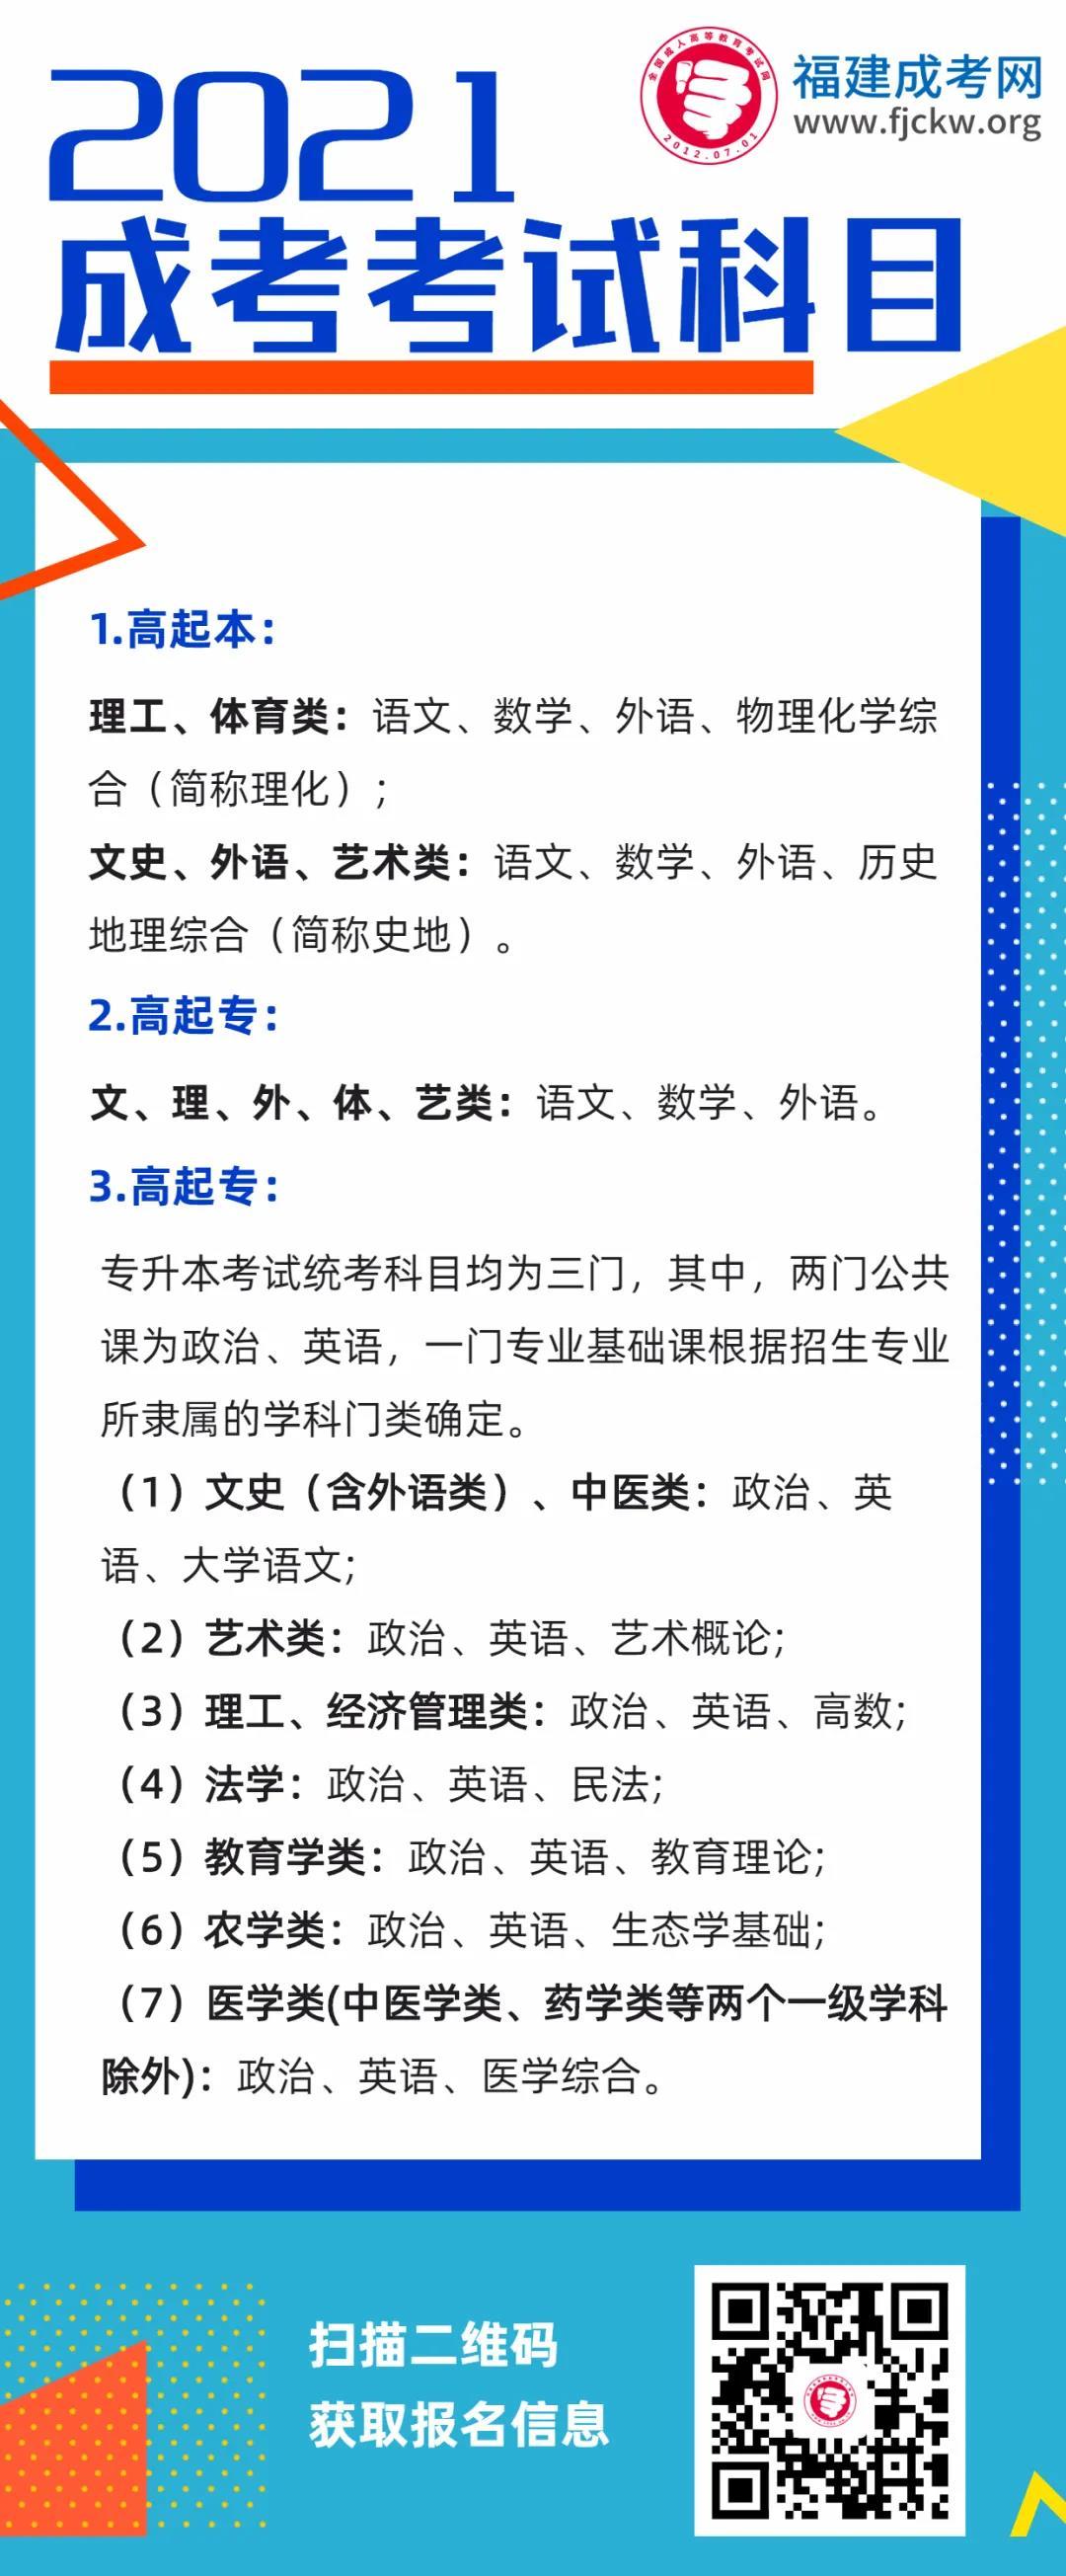 2021福建成人高考考试定为10月23、24日